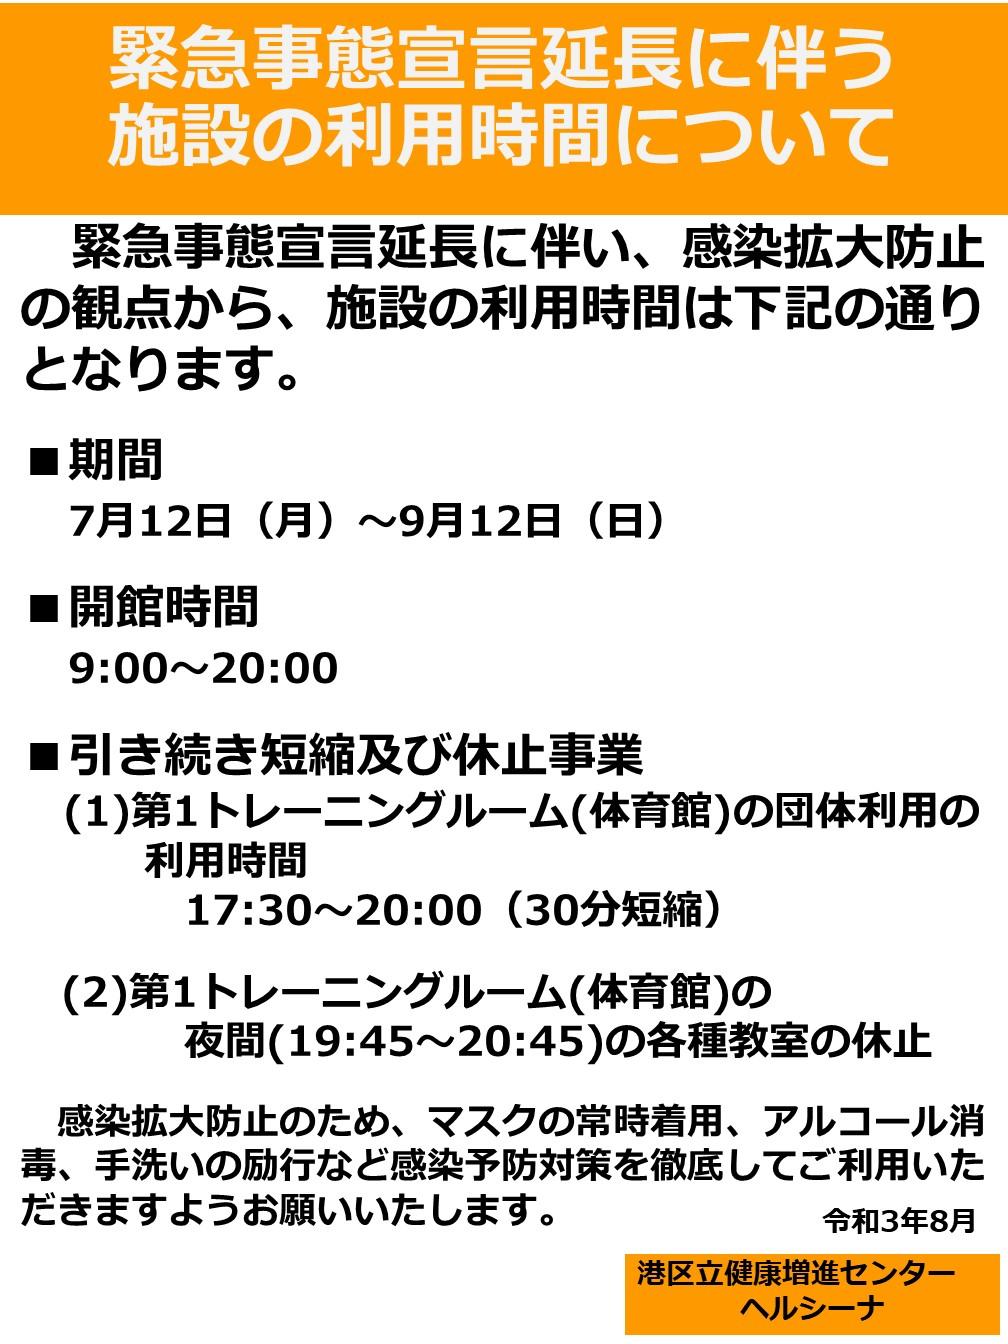 20210901(掲示)(施設)緊急事態宣言延長に伴う施設の利用時間について.jpg